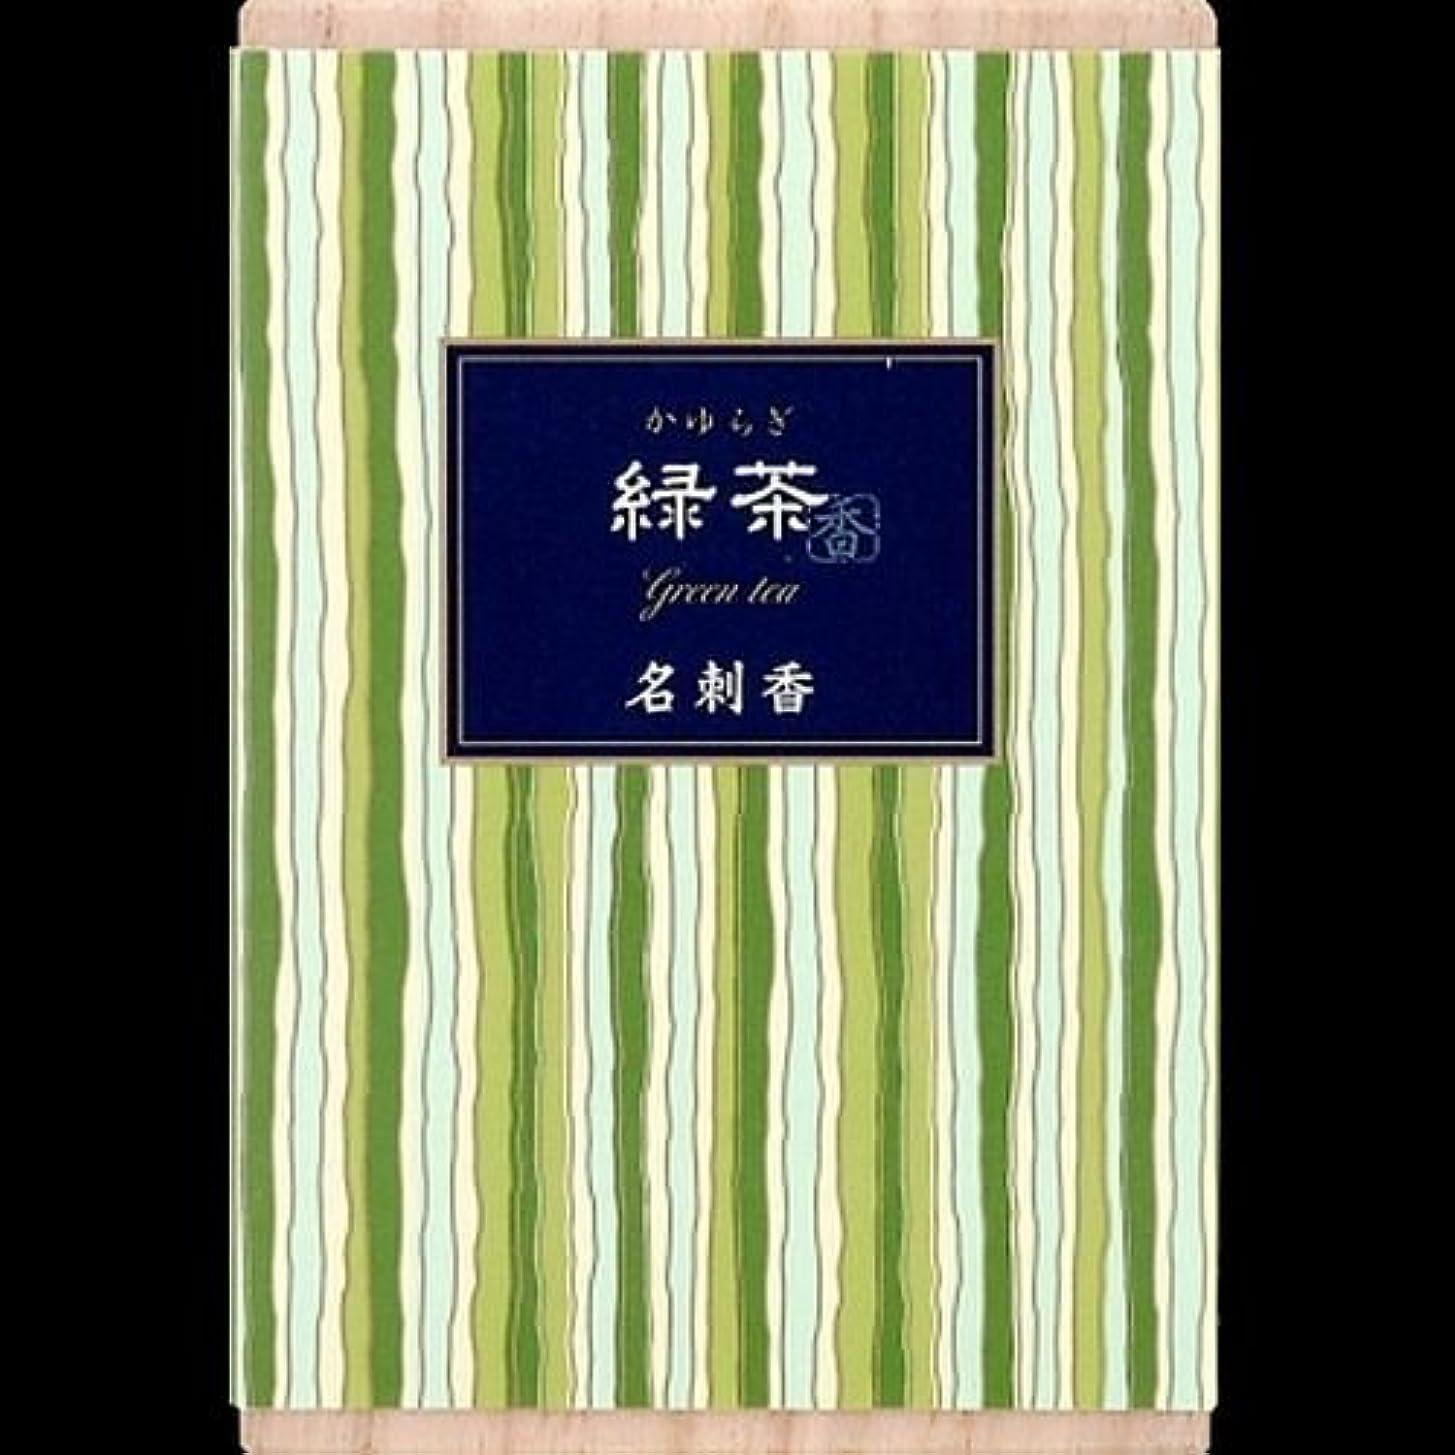 引く不規則なお【まとめ買い】かゆらぎ 緑茶 名刺香 桐箱 6入 ×2セット